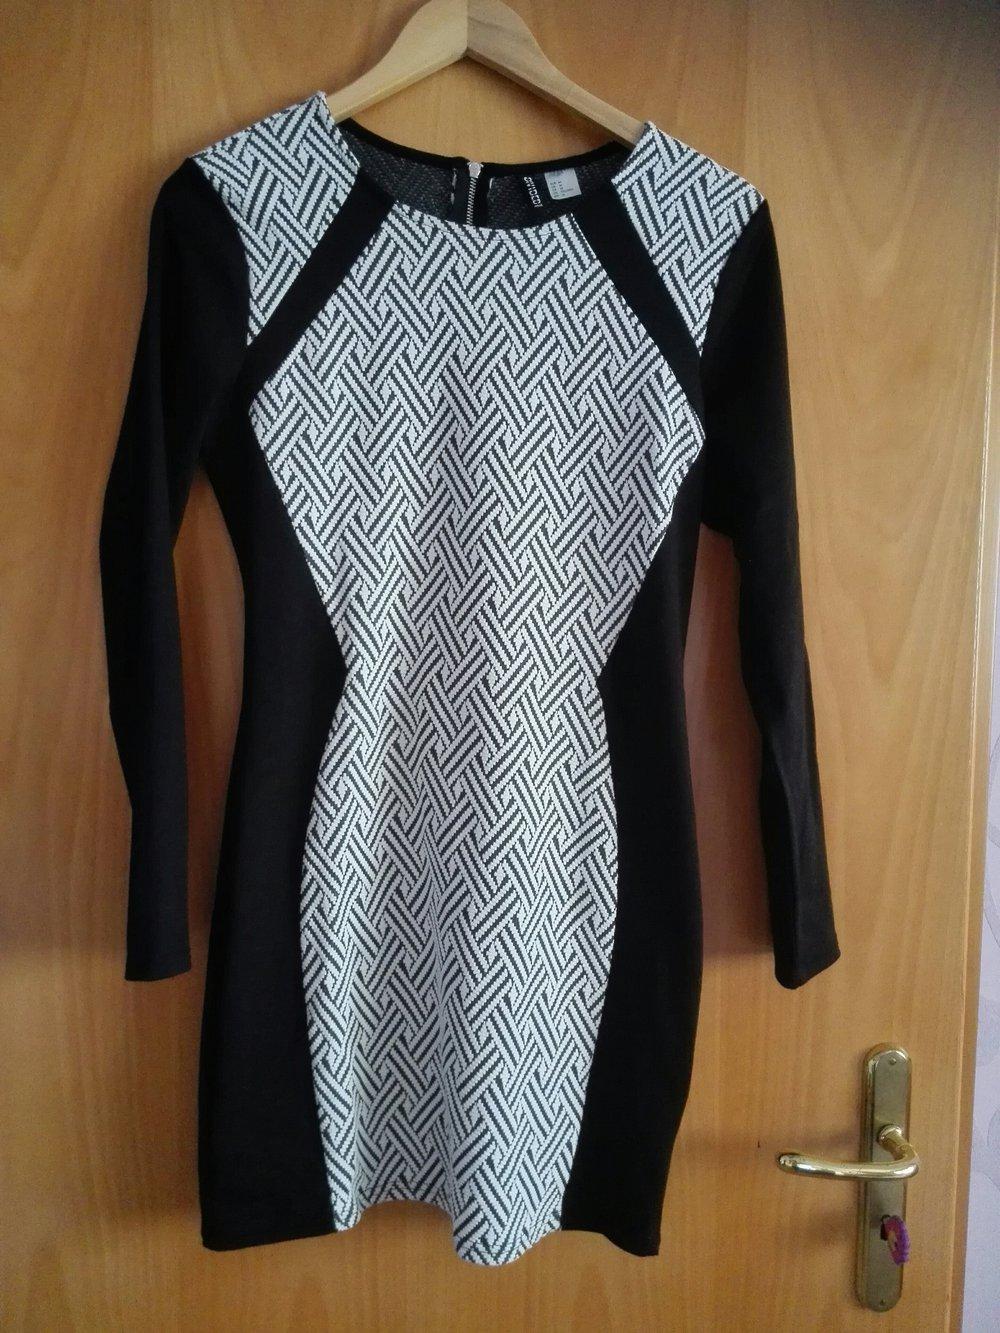 H&M - schickes Kleid schwarz weiß :: Kleiderkorb.ch